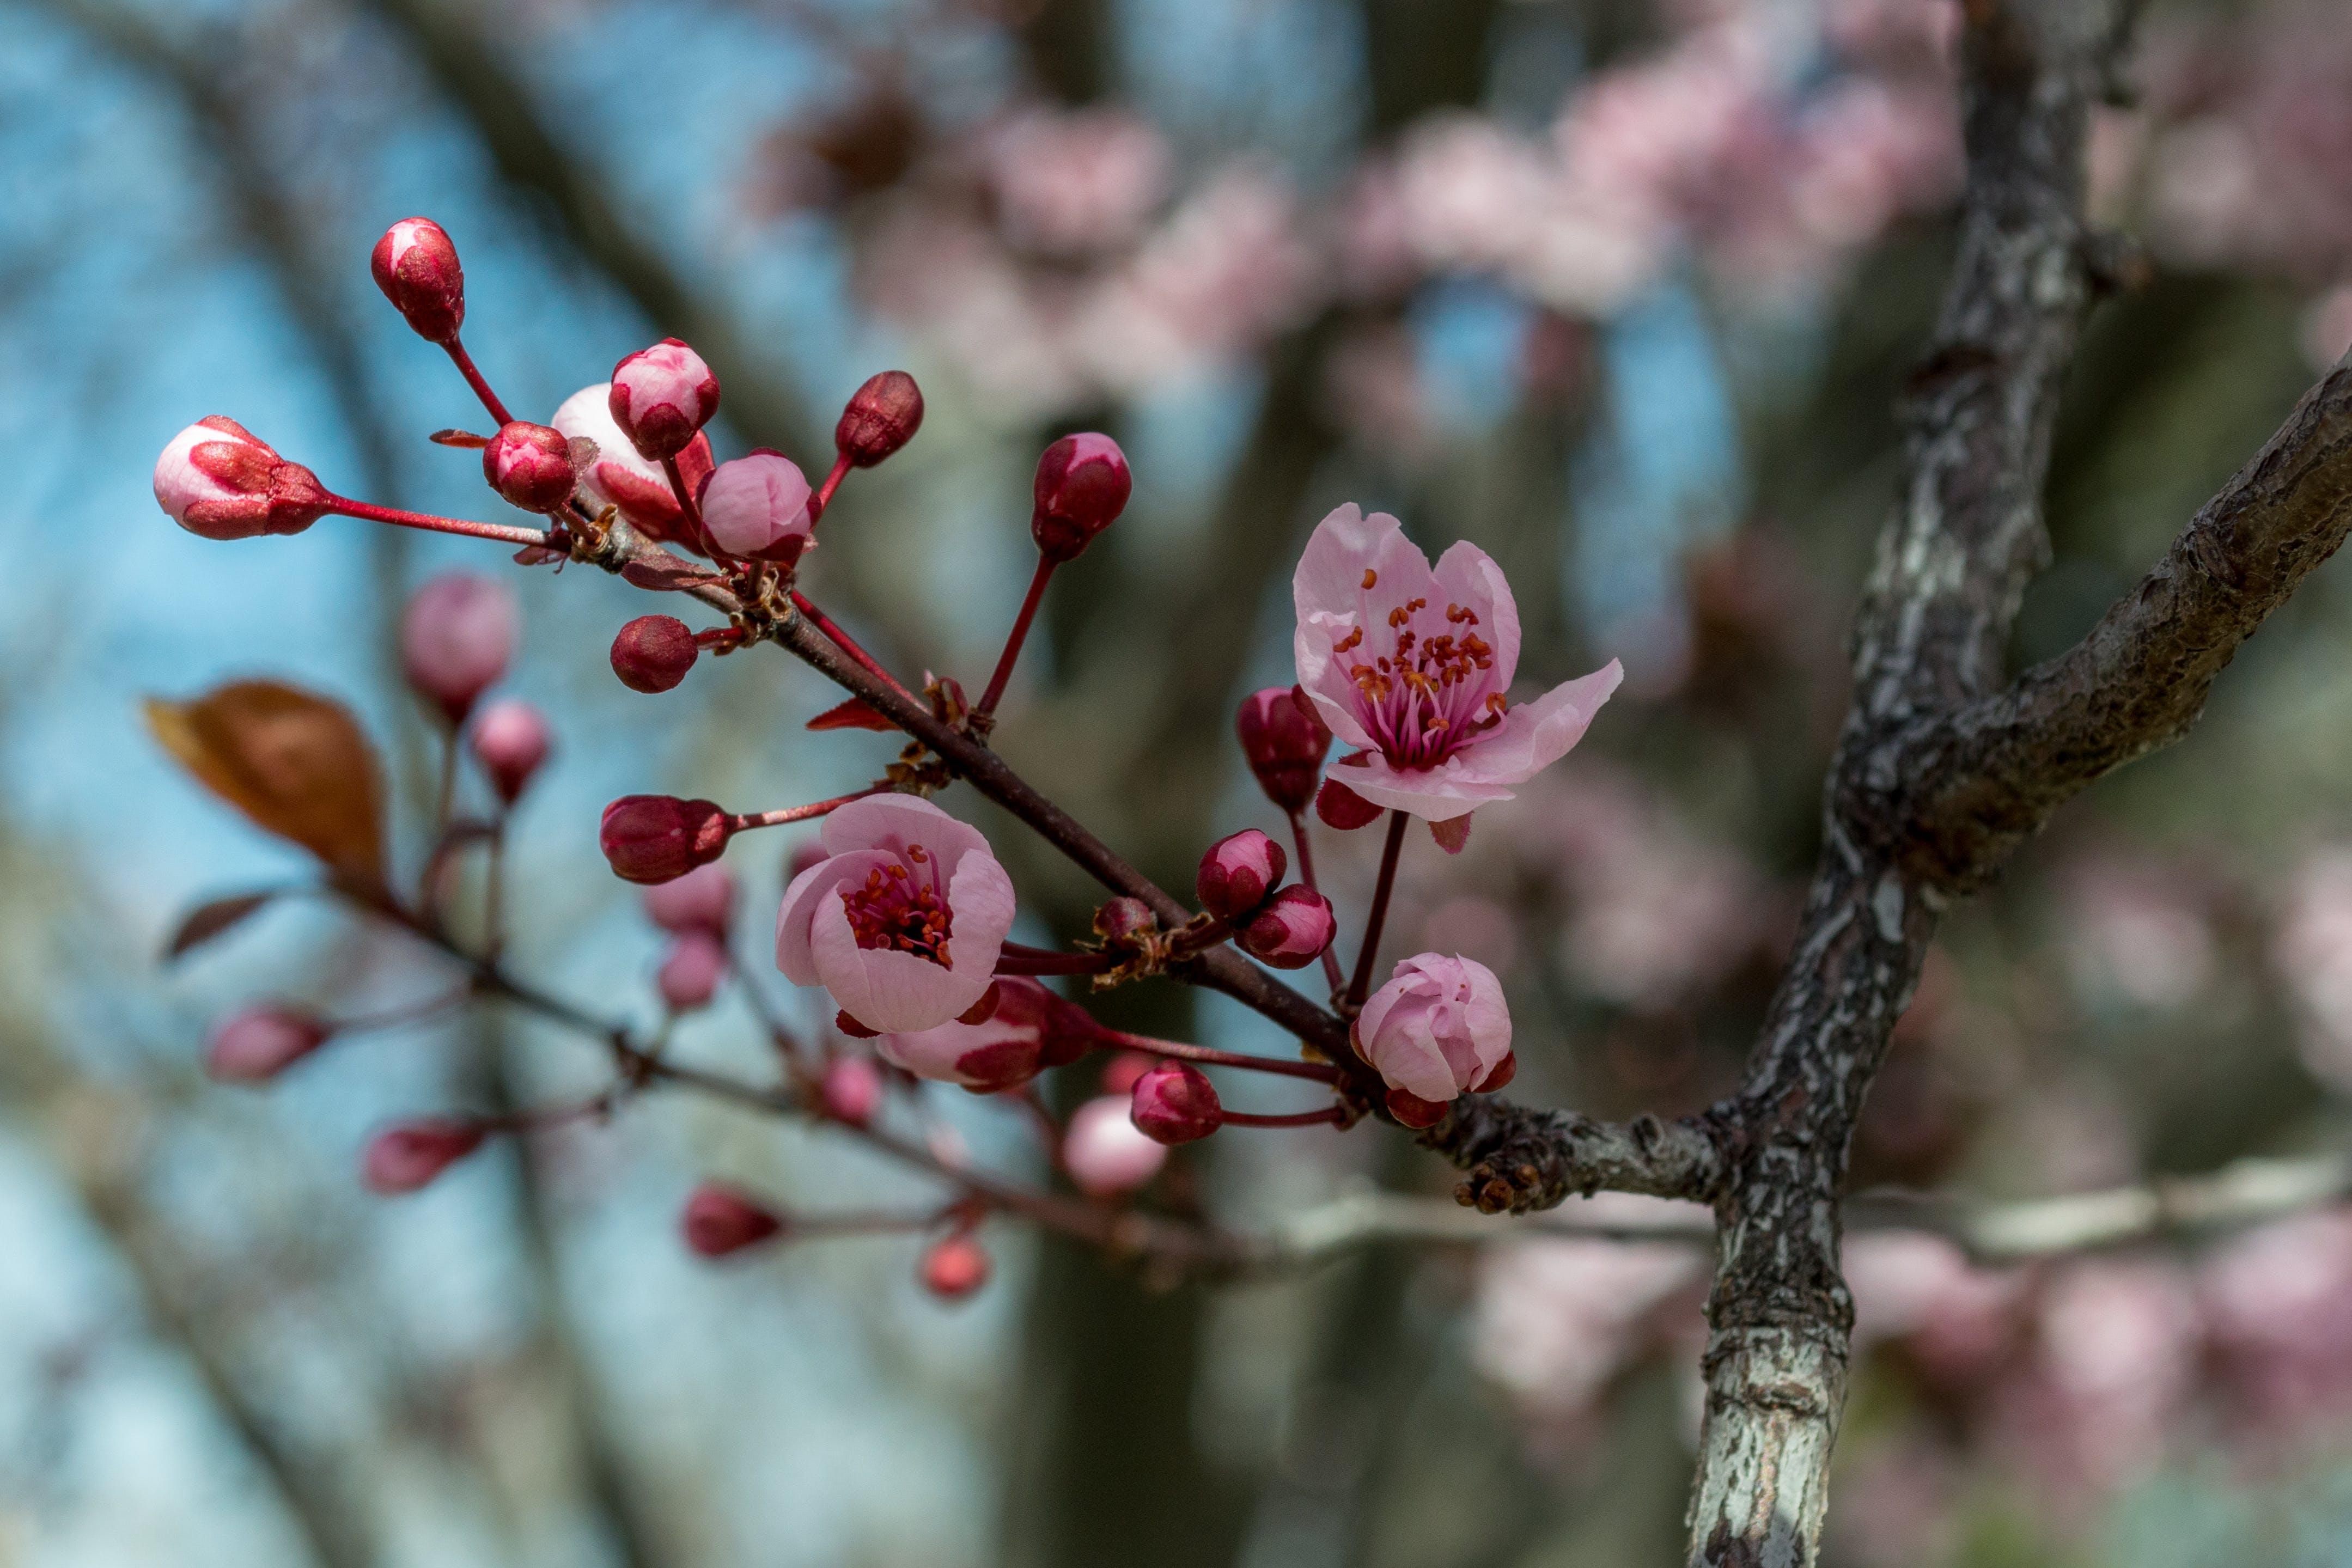 Fotos de stock gratuitas de brillante, brotes, cerezos en flor, colores